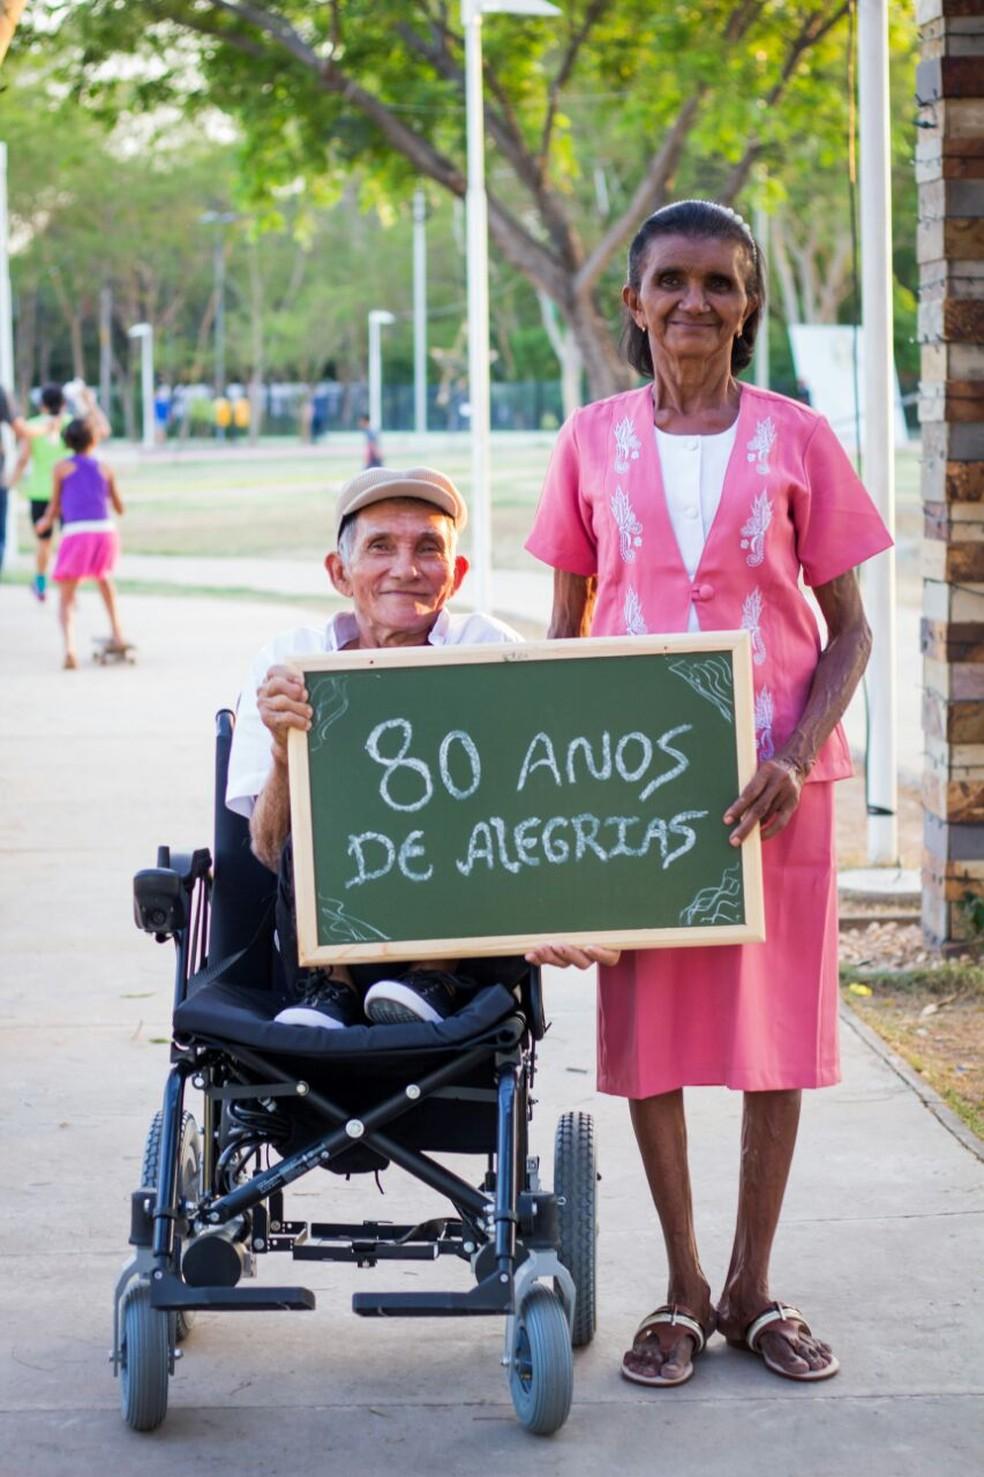 Em seu aniversário de 80 anos, o senhor Alexanbdre ganhou um esnaio fotográfico.  (Foto: Divulgação/ Arquivo pessoal)